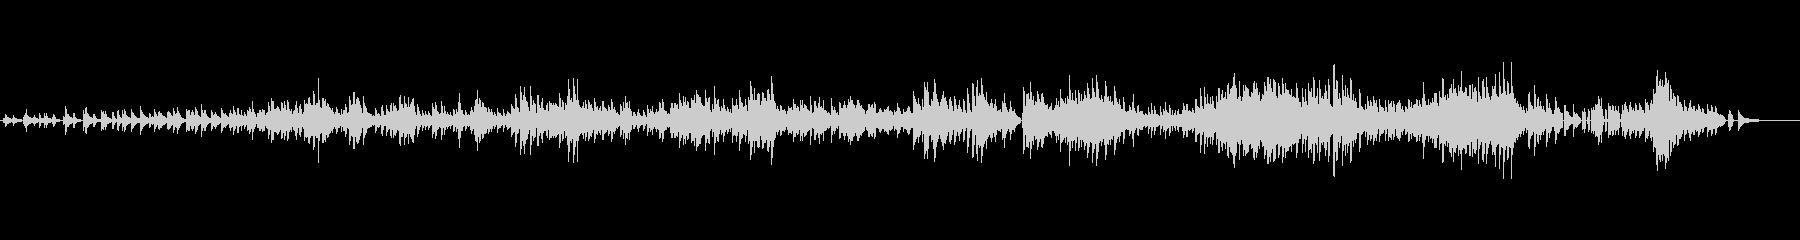 生ピアノソロ・クリスマス曲・ジャズワルツの未再生の波形